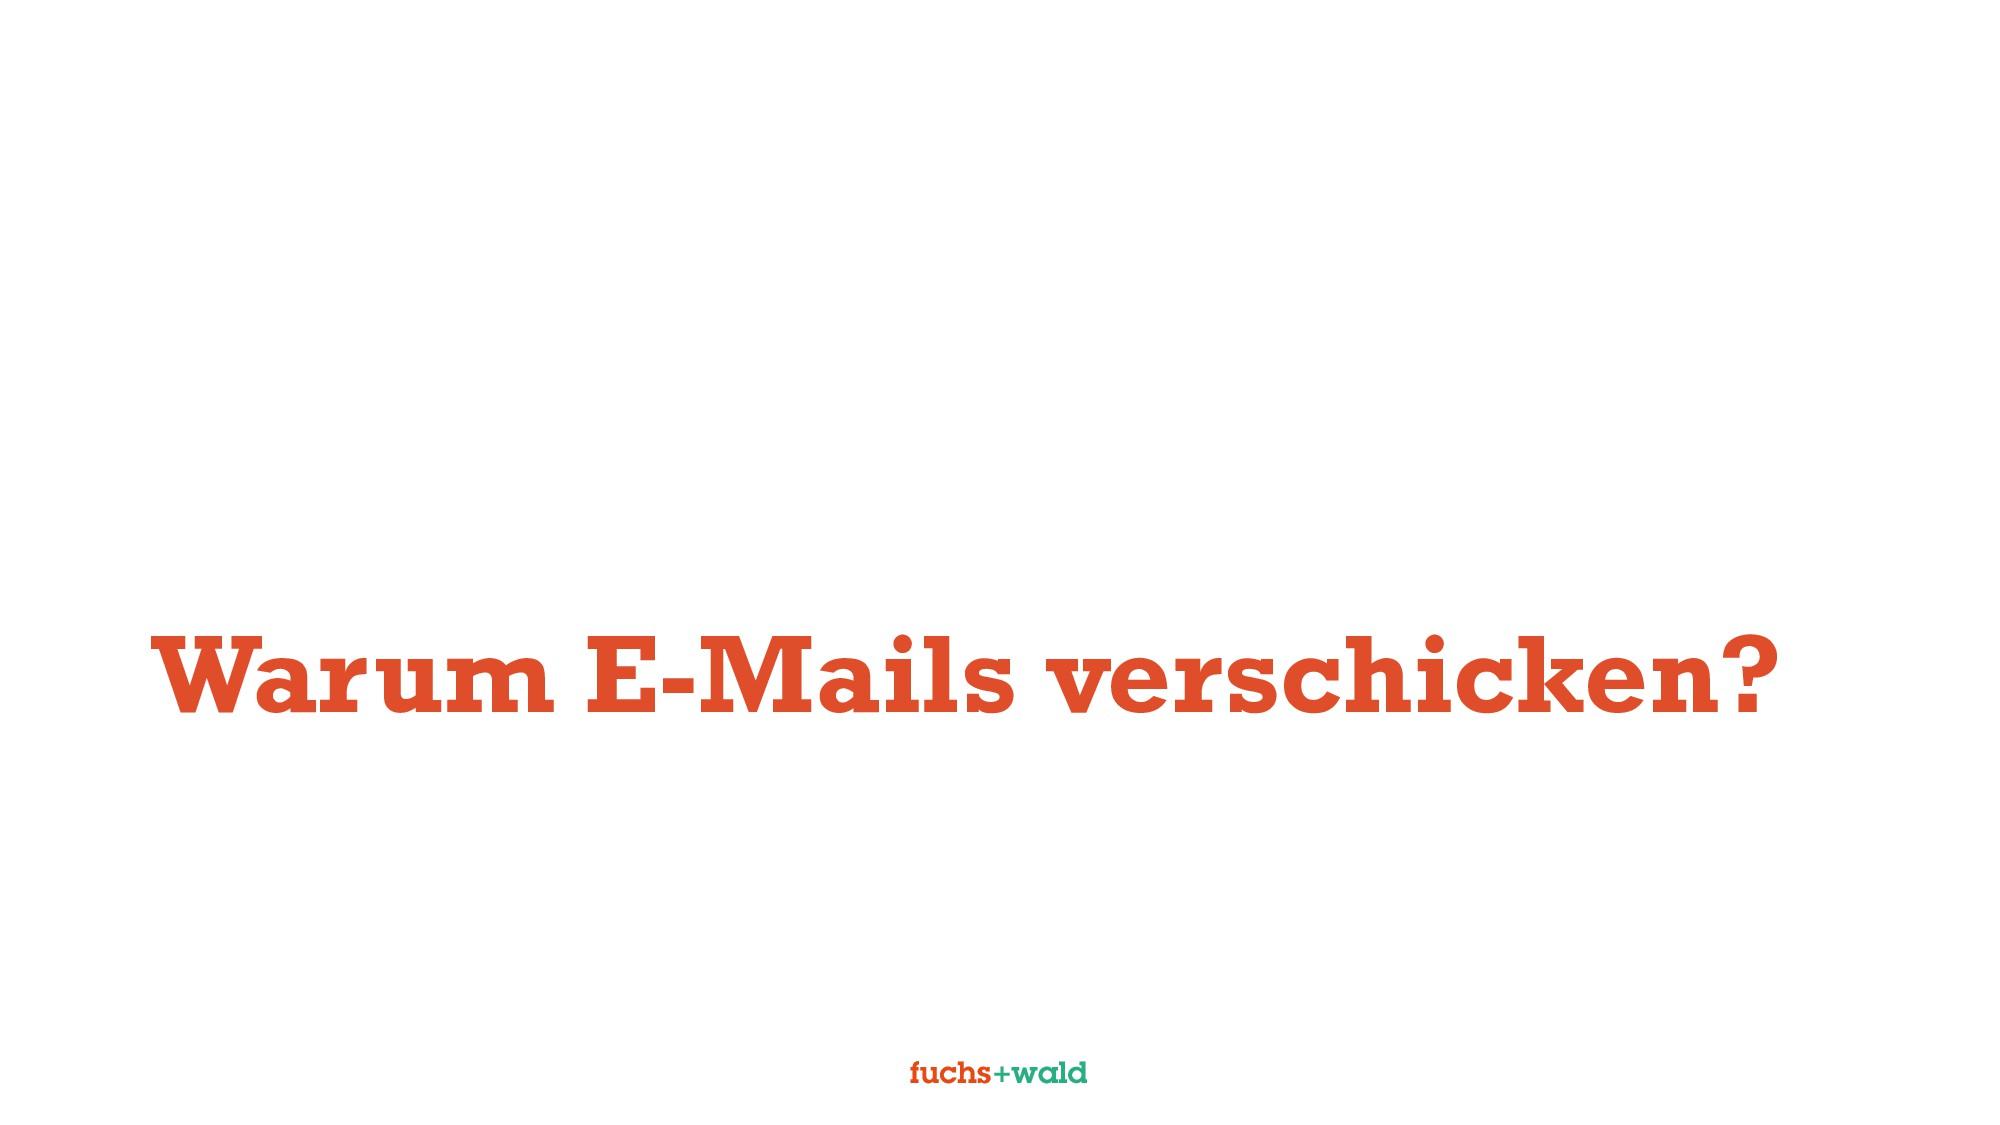 Warum E-Mails verschicken?